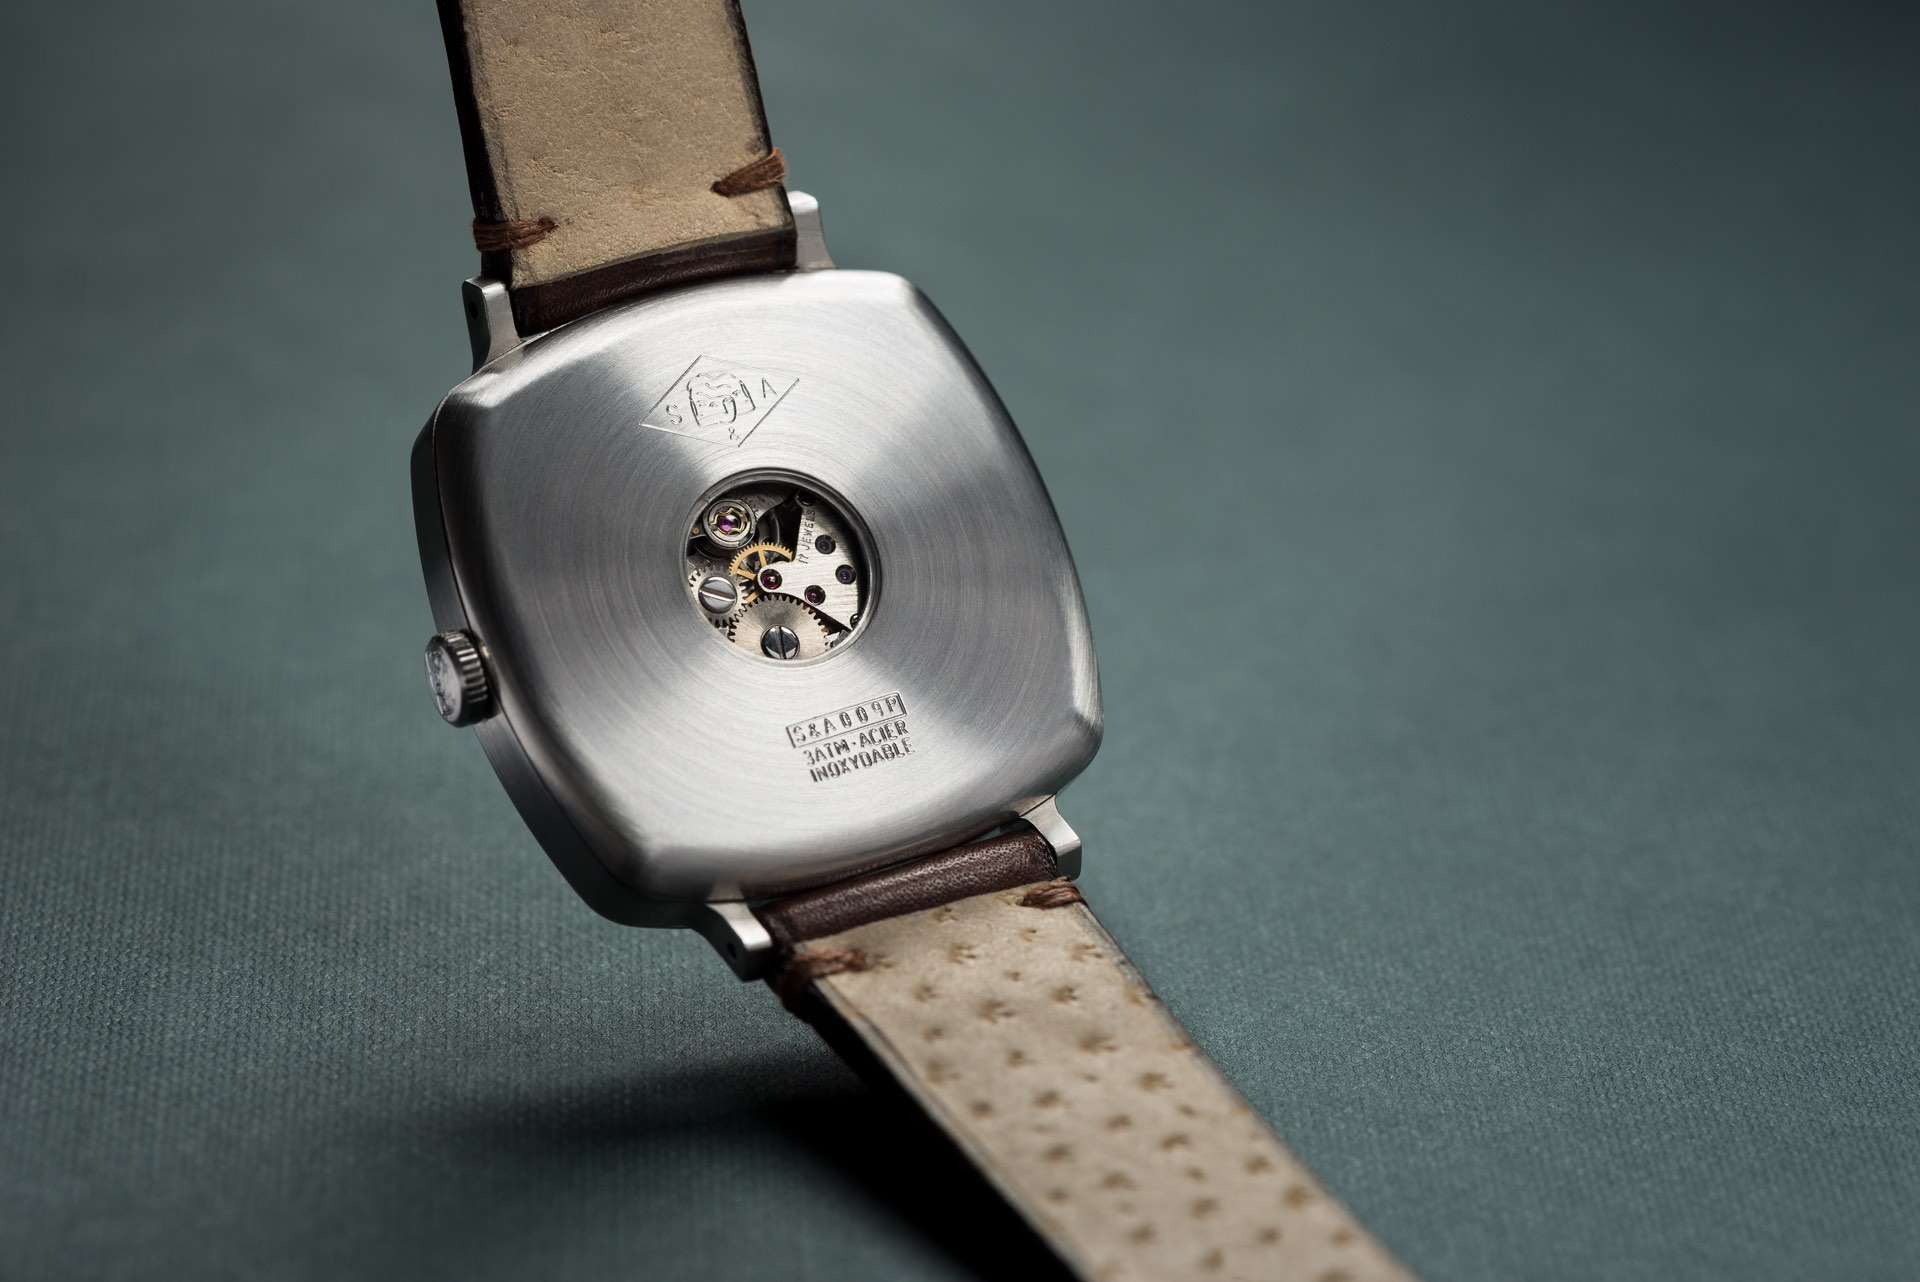 Semper Adhuc new Watches Vintage Movements Kickstarter - 11